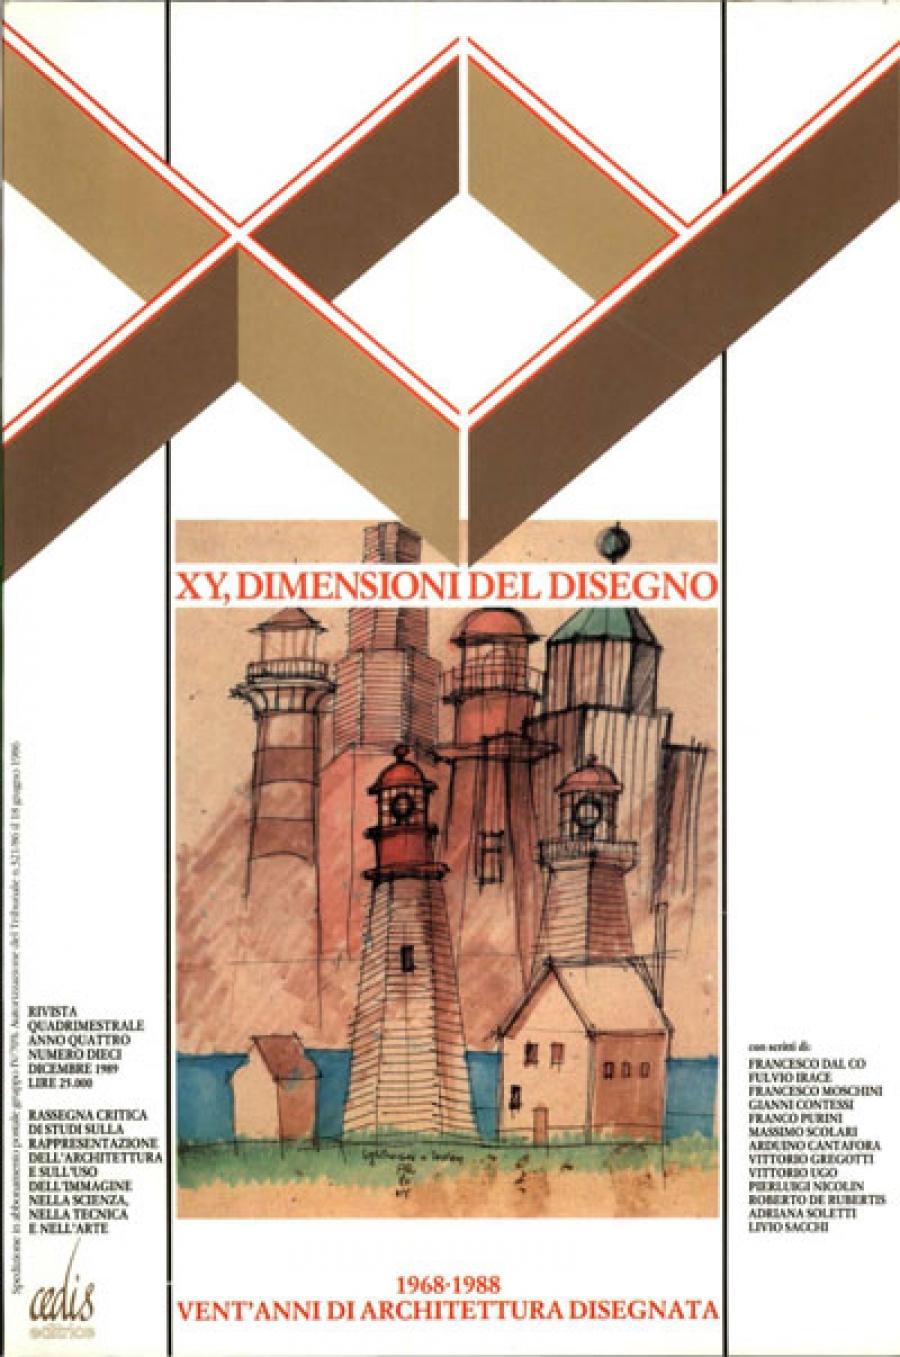 Numero 10 xy digitale for Architettura disegnata